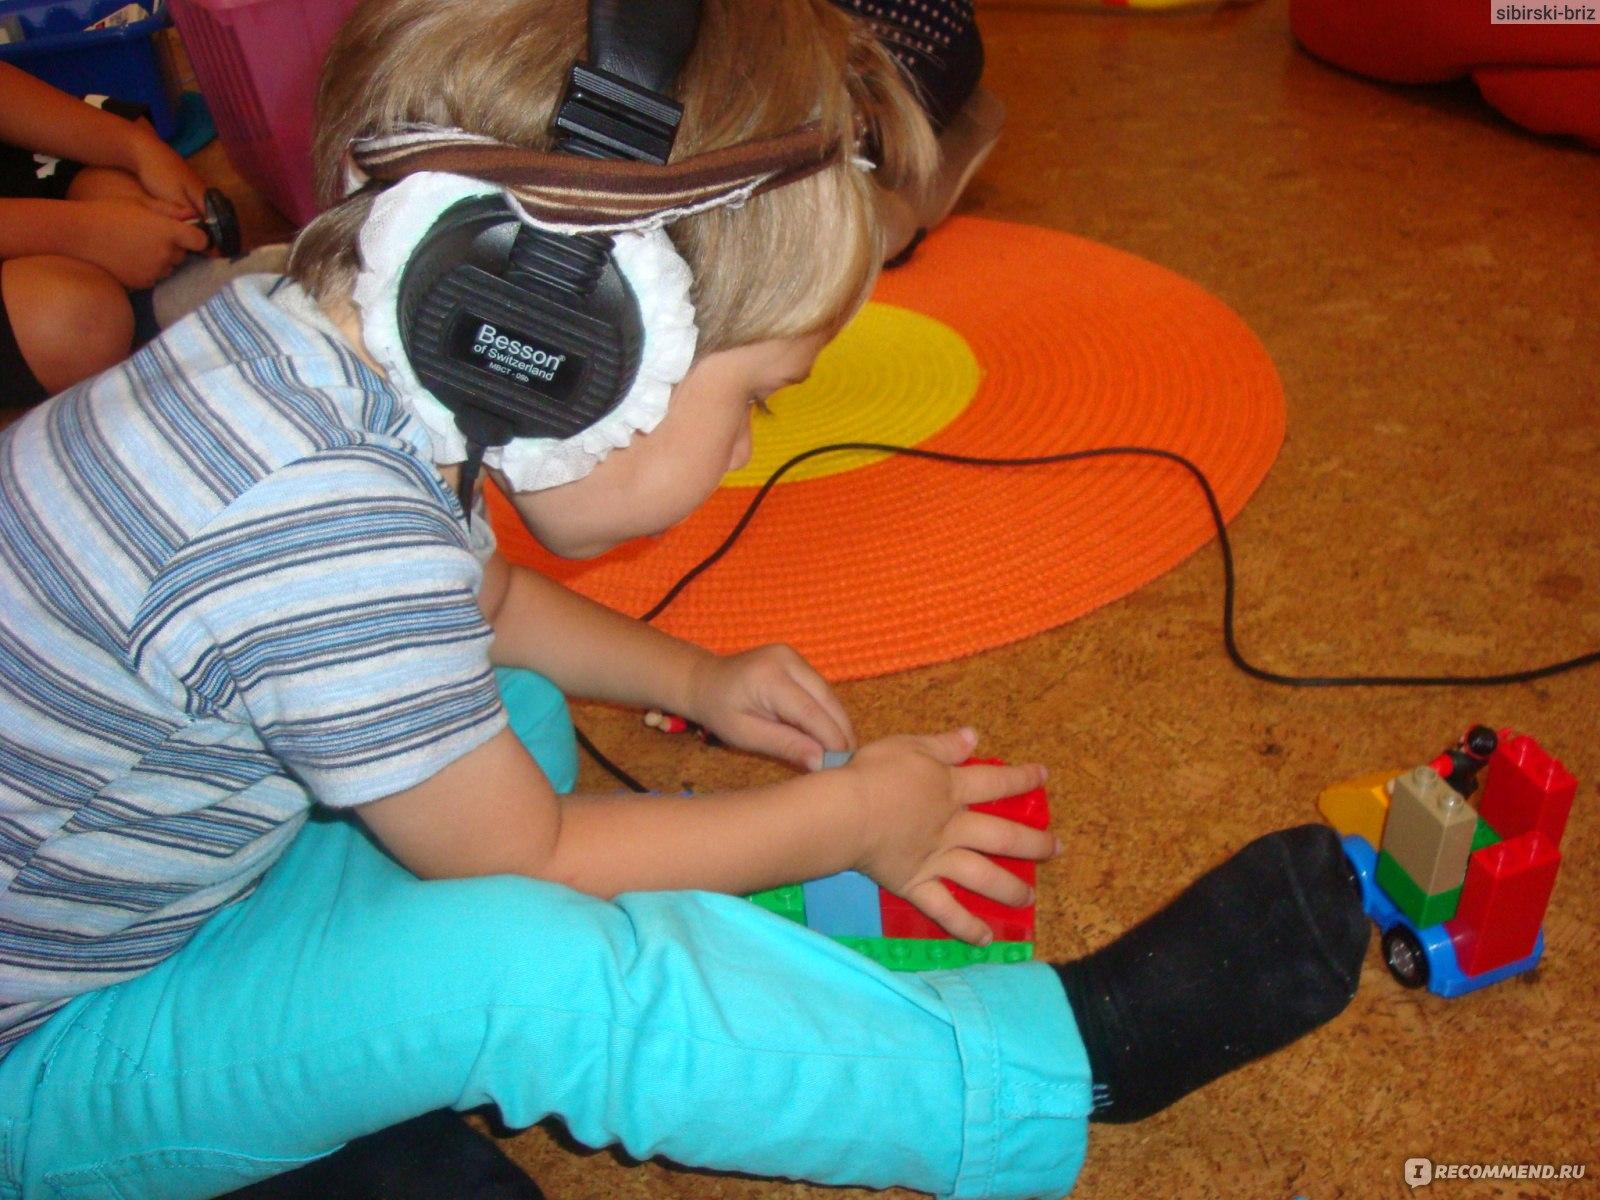 томатис терапия метод акустической стимуляции зачем вы